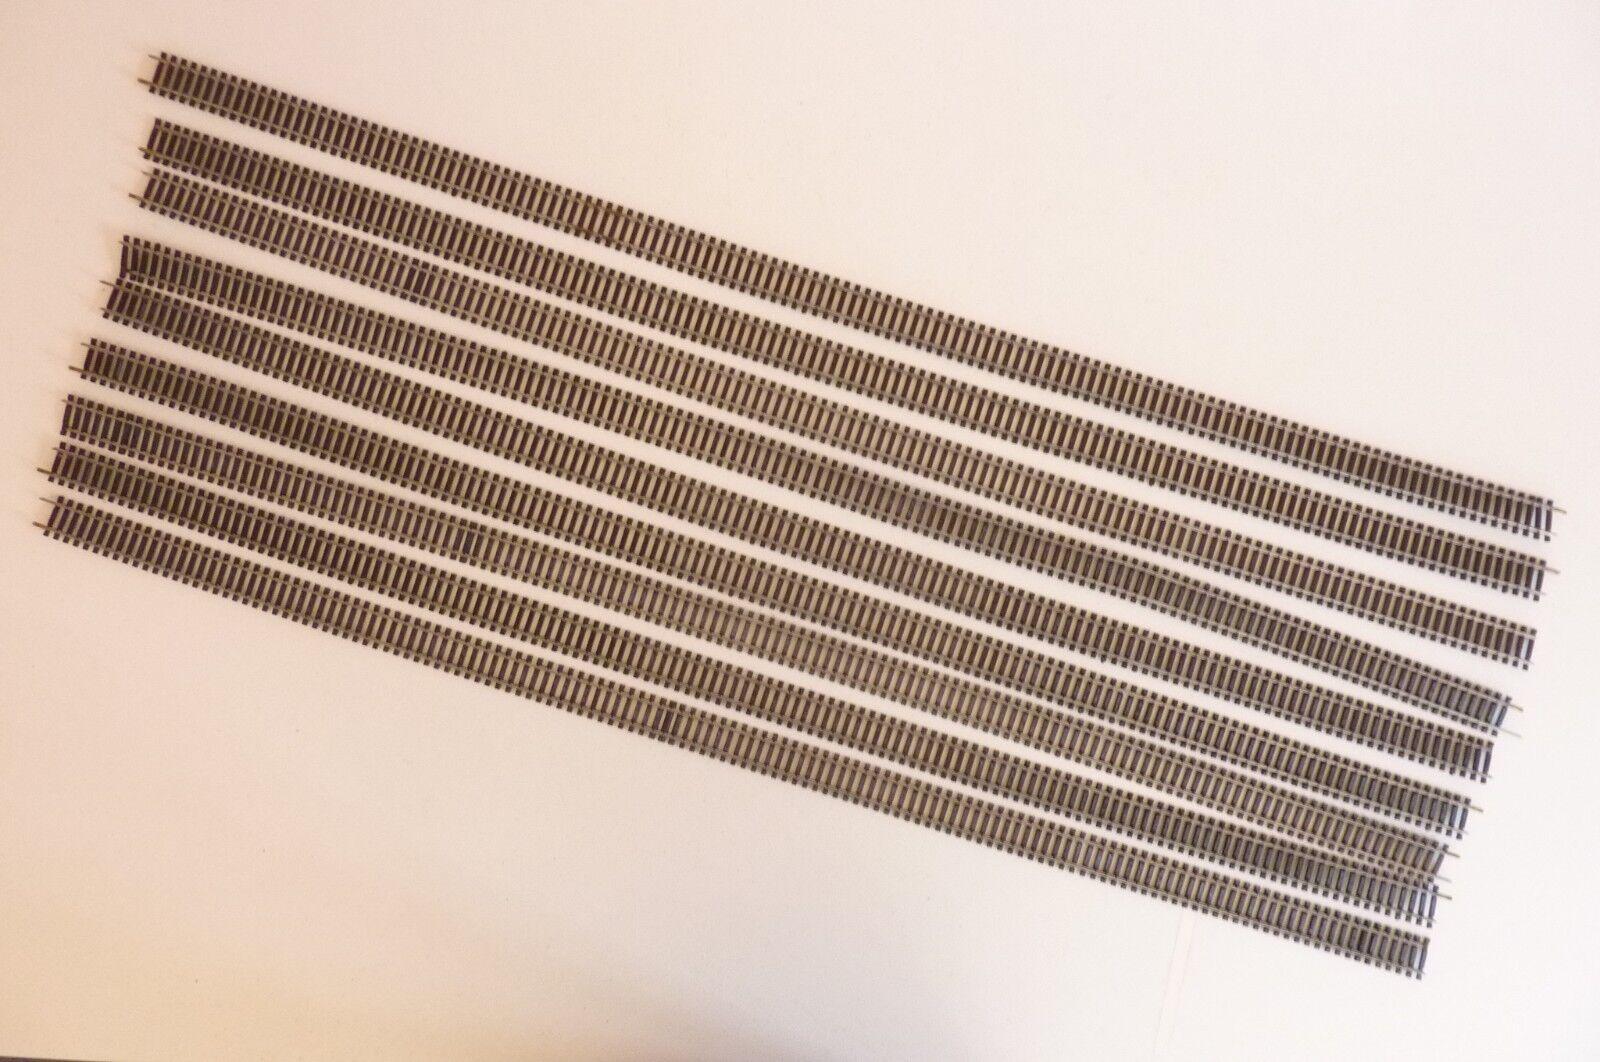 Jouef 9 rails de 0,99 m de lungo  Réf 129